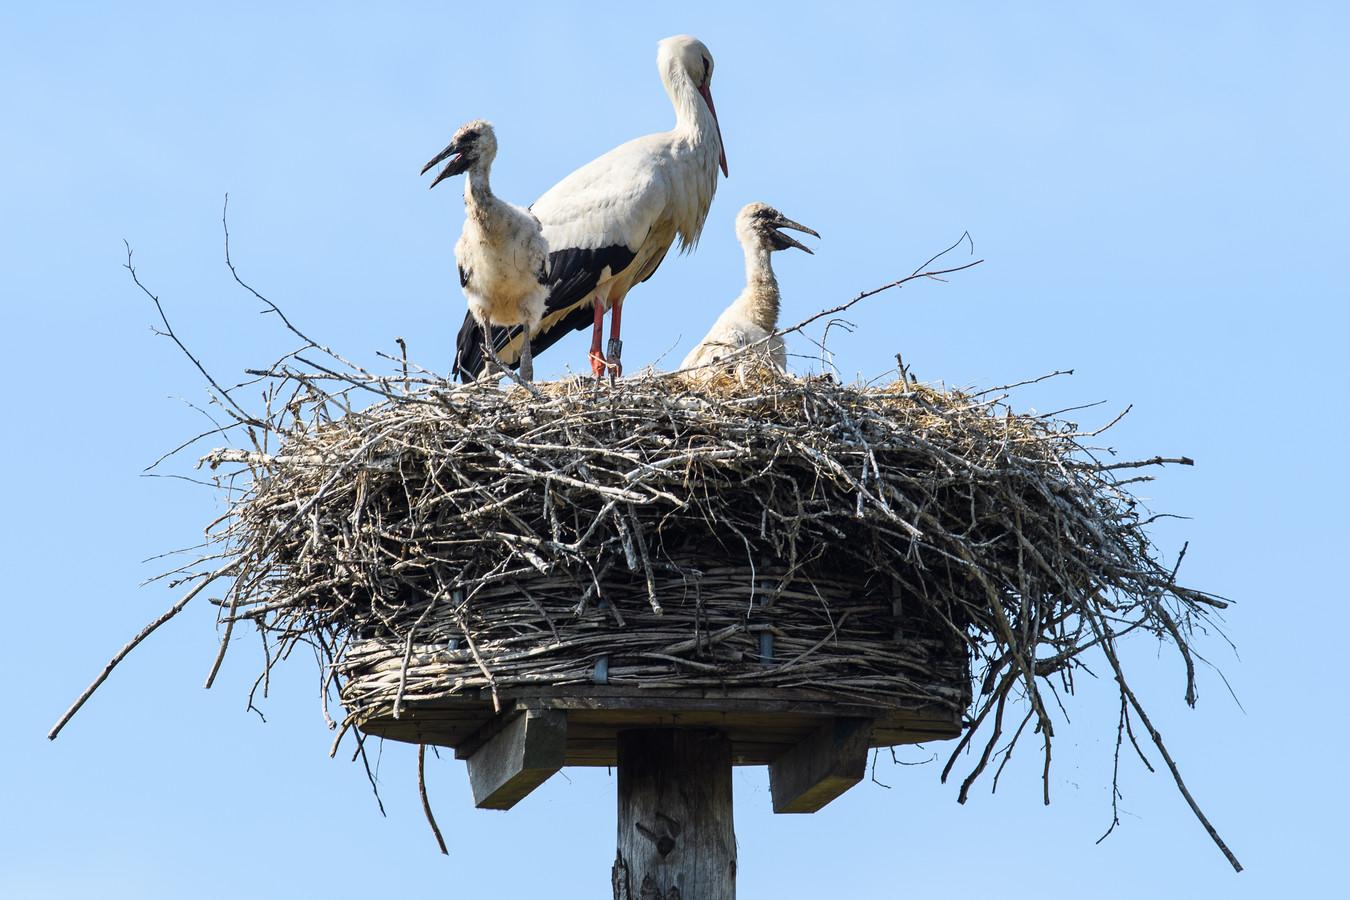 Ooievaar Ollie met twee jongen. De buurt is haar liever kwijt dan rijk, want de vogel terroriseert de boel.